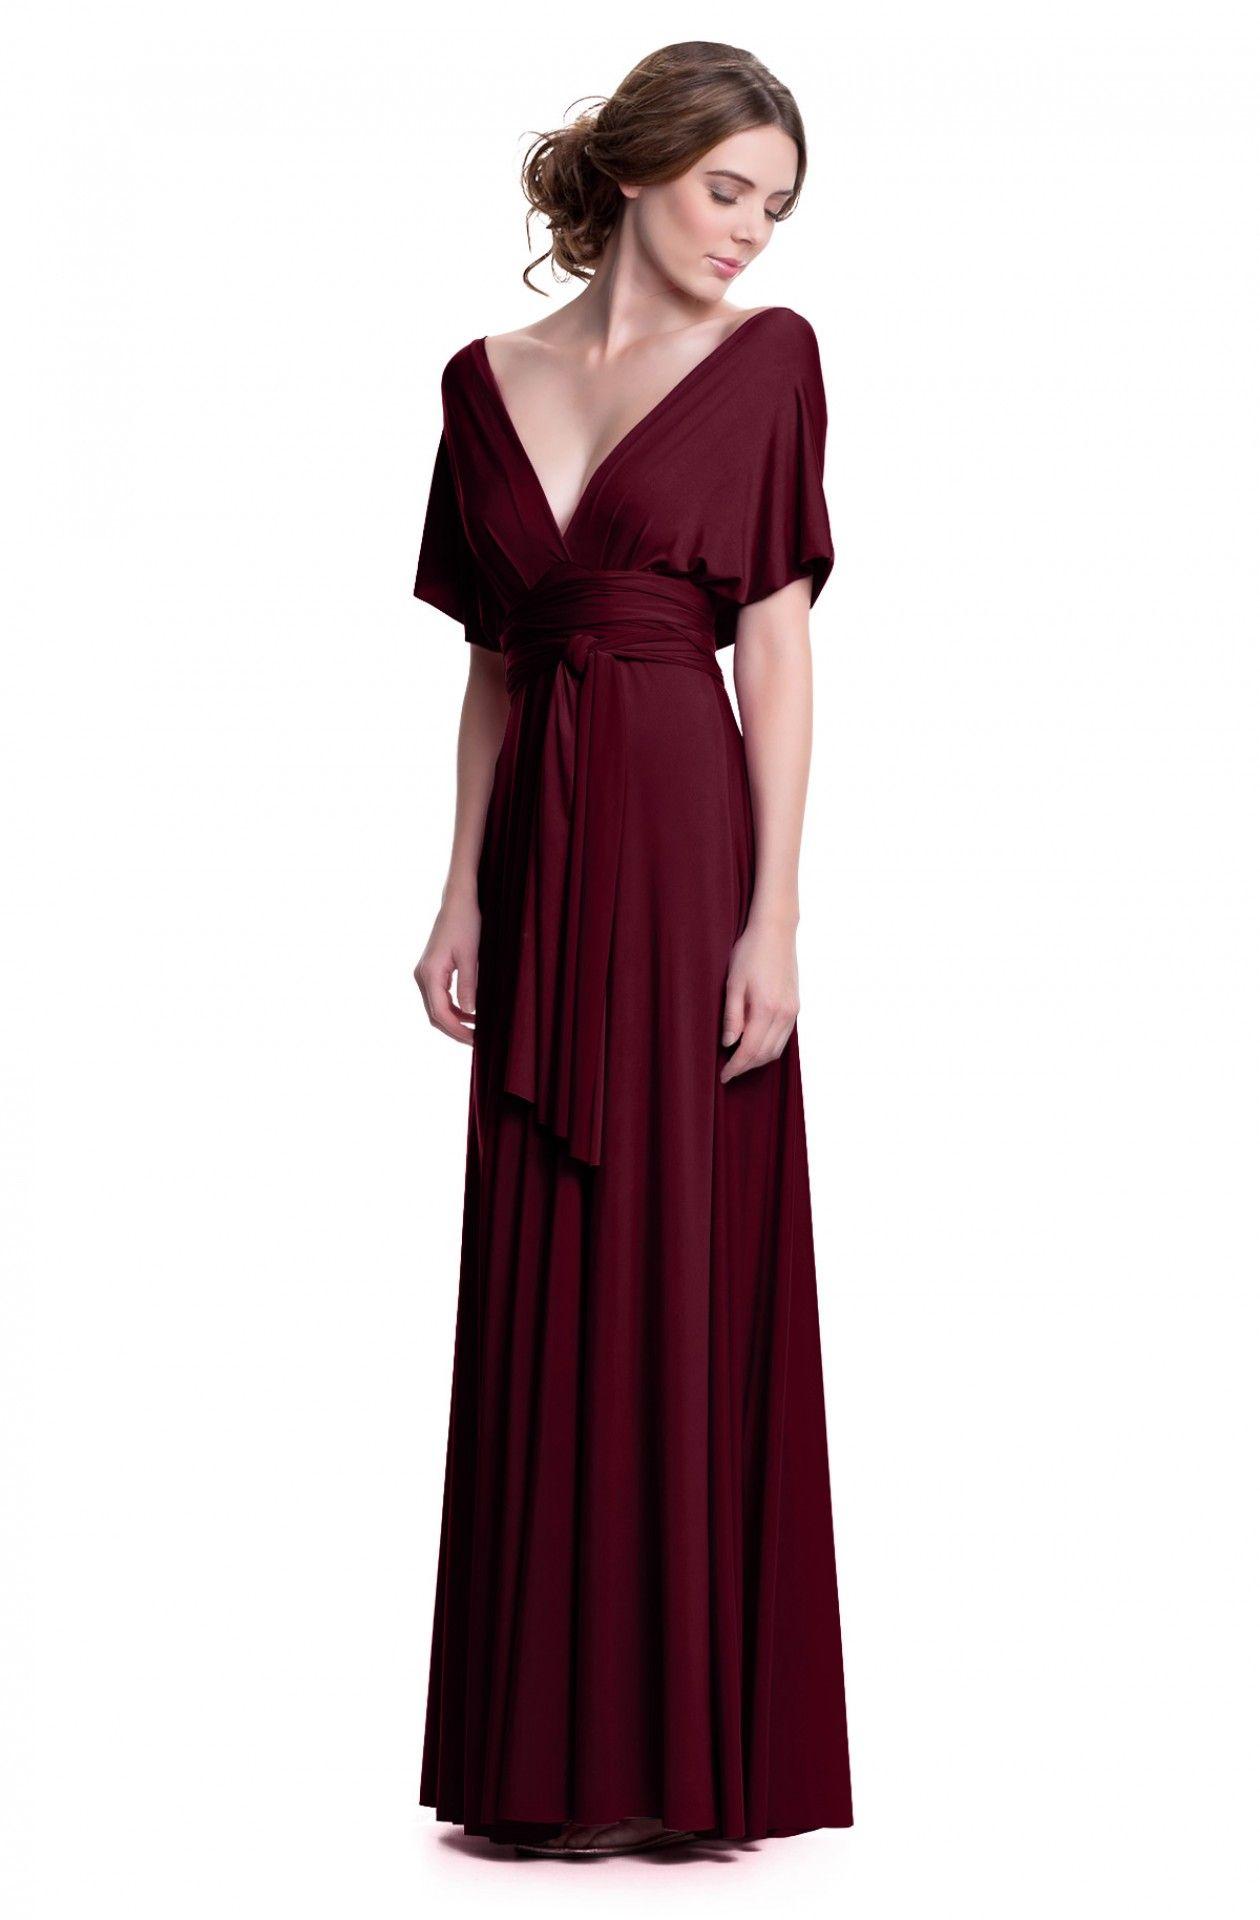 Bra for wedding dress shopping  sakuralongdress  maid of honor dress  Pinterest  Dresses